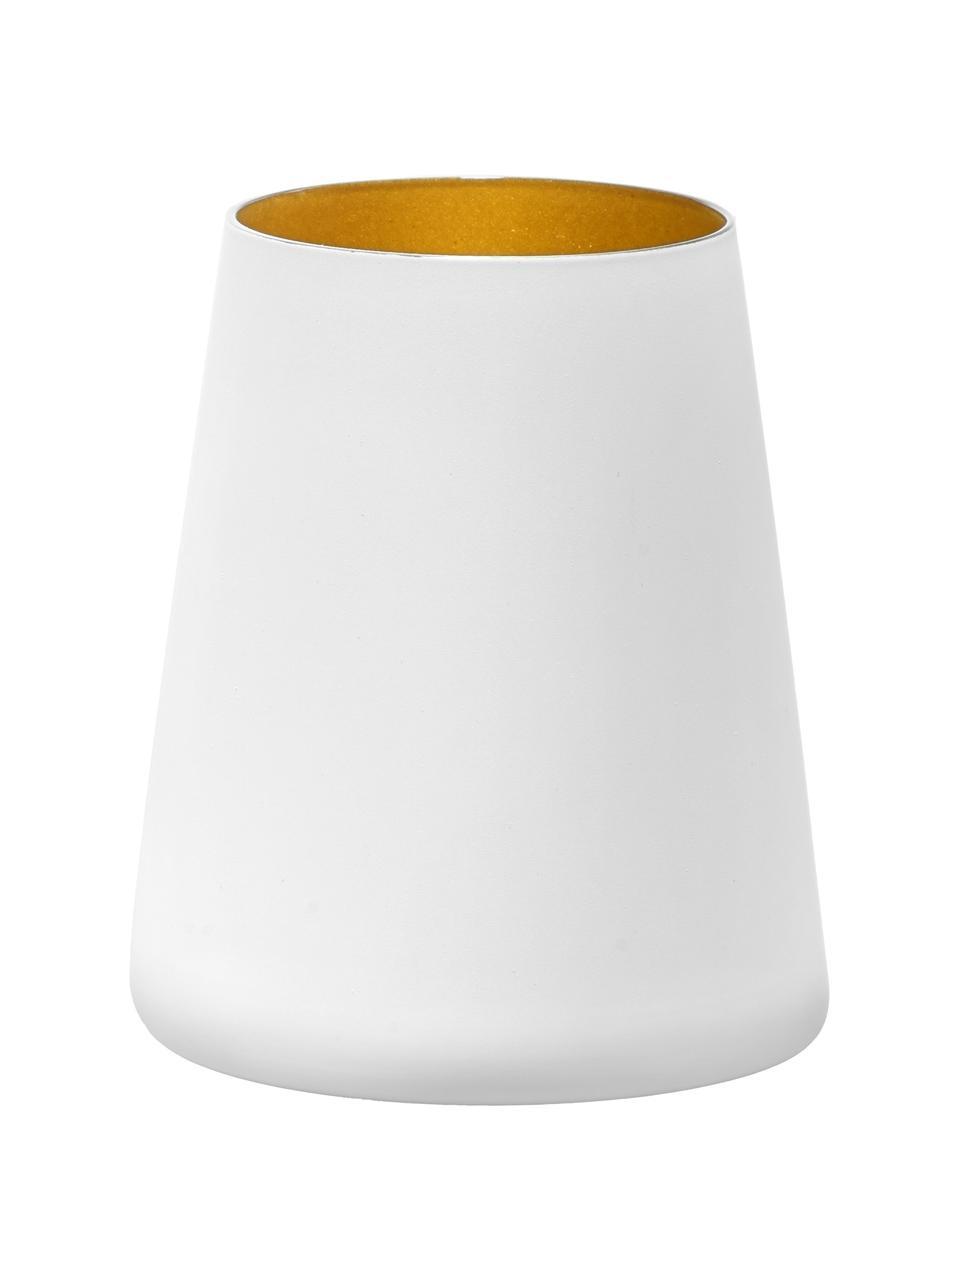 Szklanka do koktajli ze szkła kryształowego Power, 6 szt., Szkło kryształowe, powlekane, Biały, odcienie złotego, Ø 9 x W 10 cm